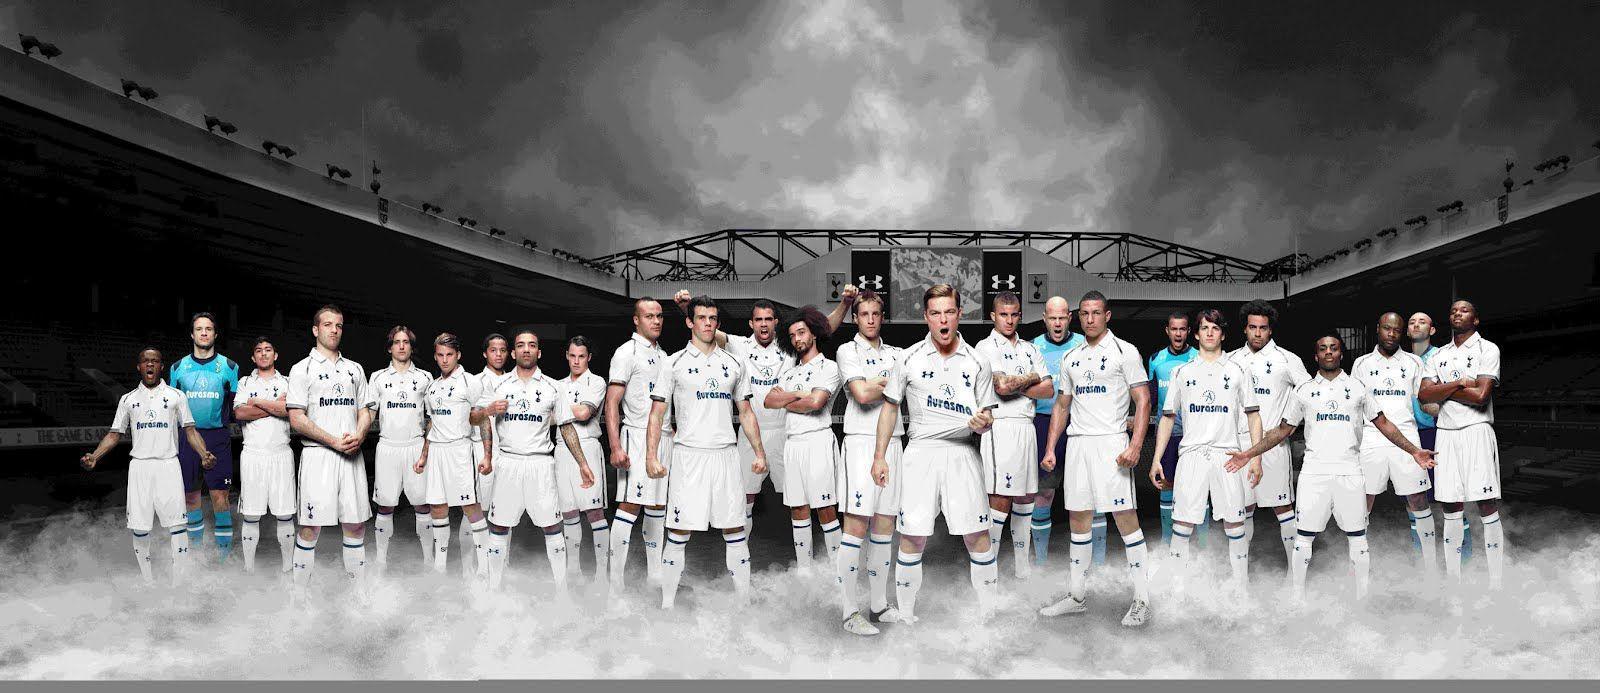 Tottenham Hotspur F.C. Background 9